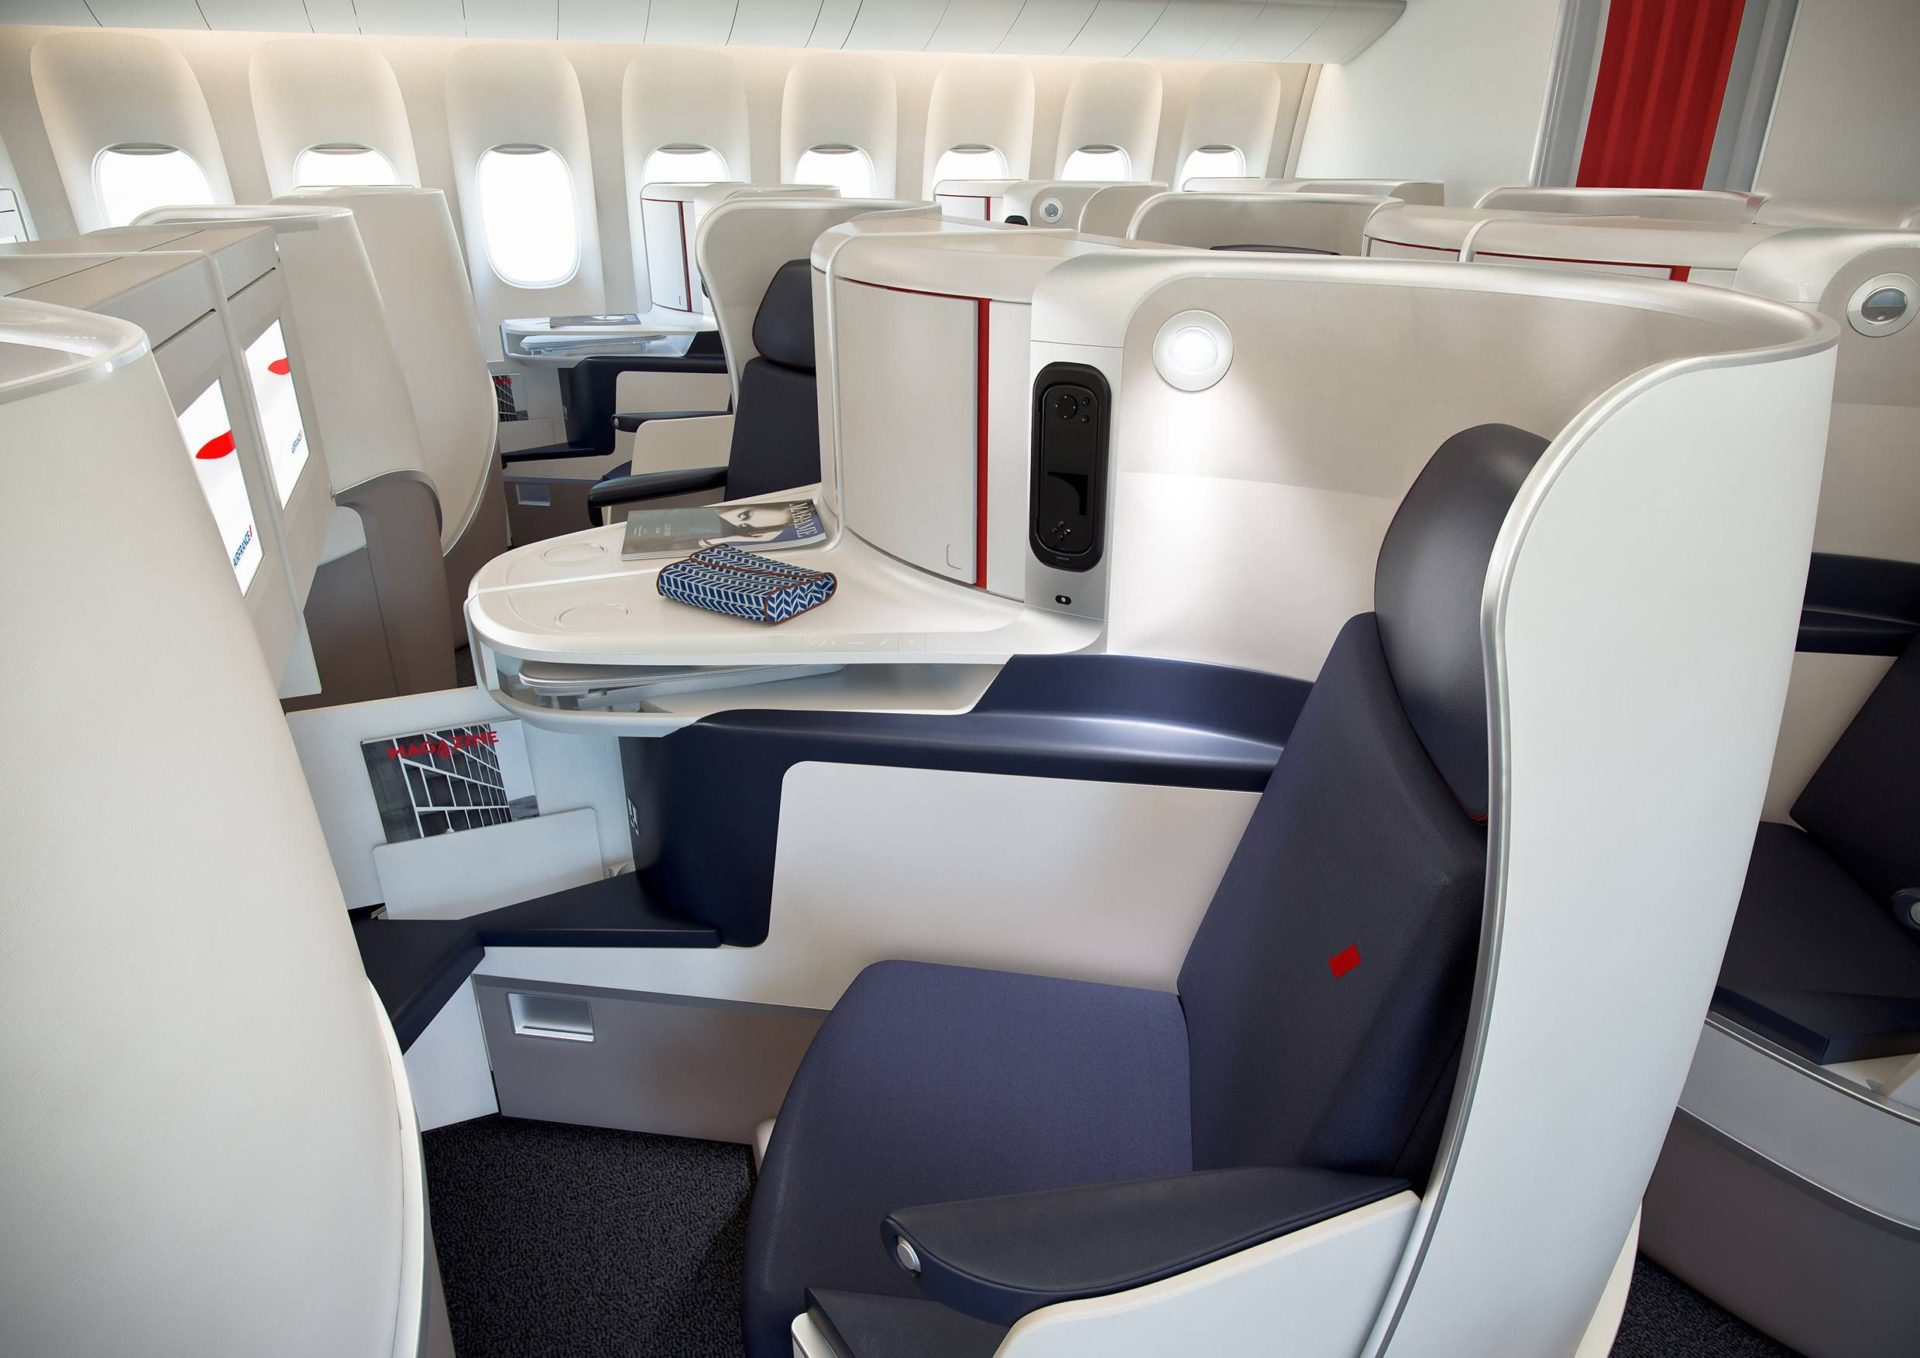 Air France aumenta frequências com novo 777-200 para o Rio de Janeiro!